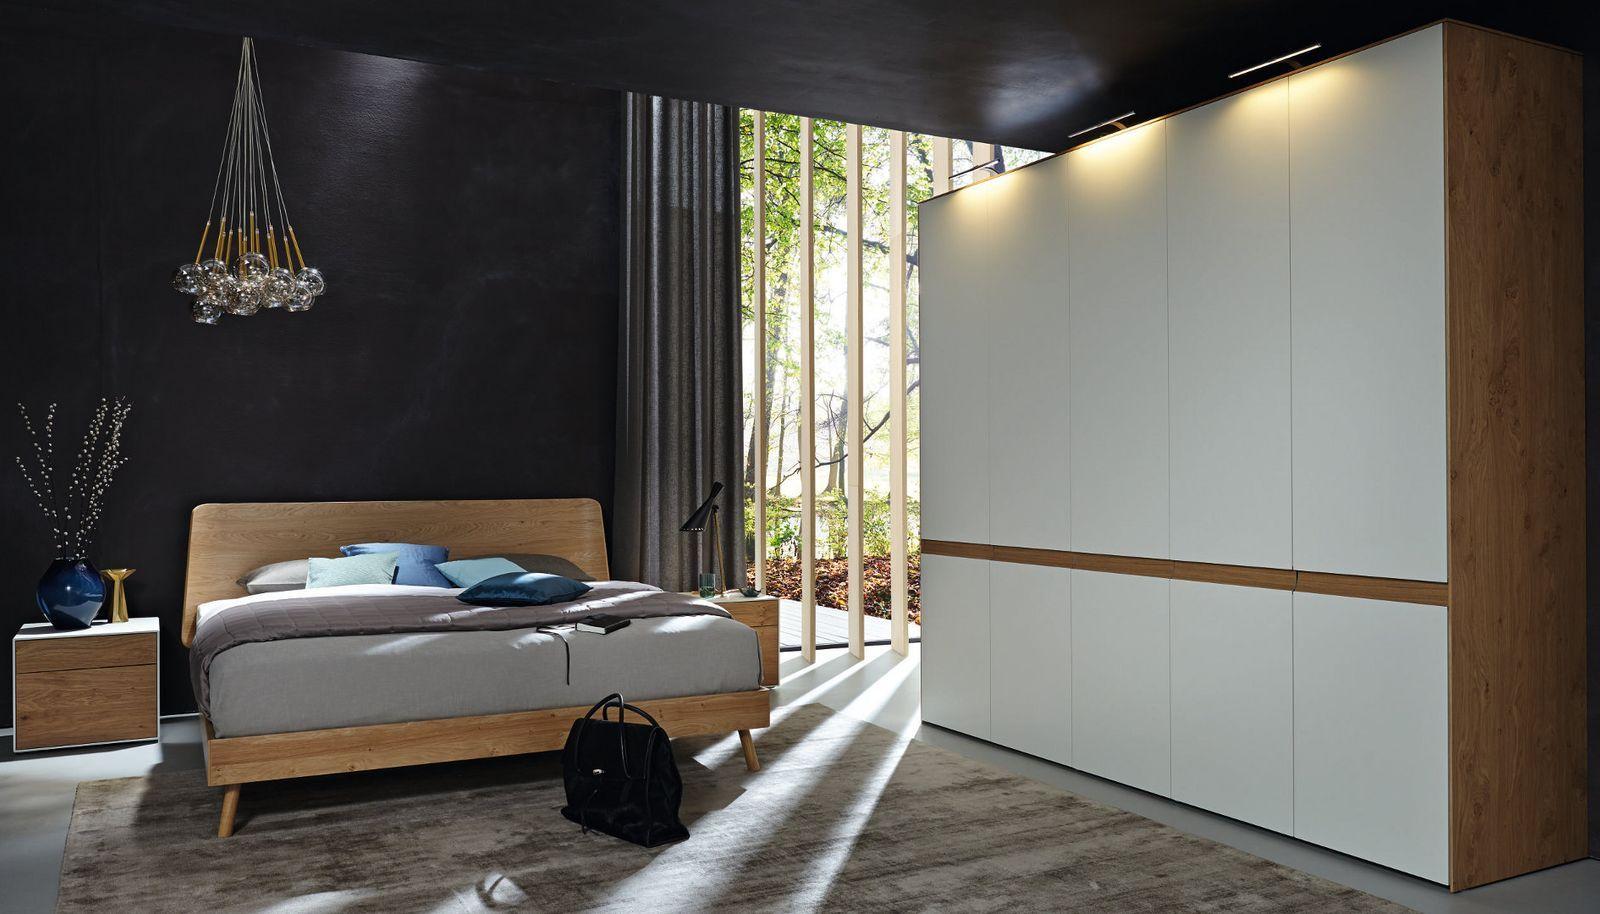 Hülsta Schlafzimmer ~ Hülsta schlafzimmer madera hülsta schlafzimmer hülsta und